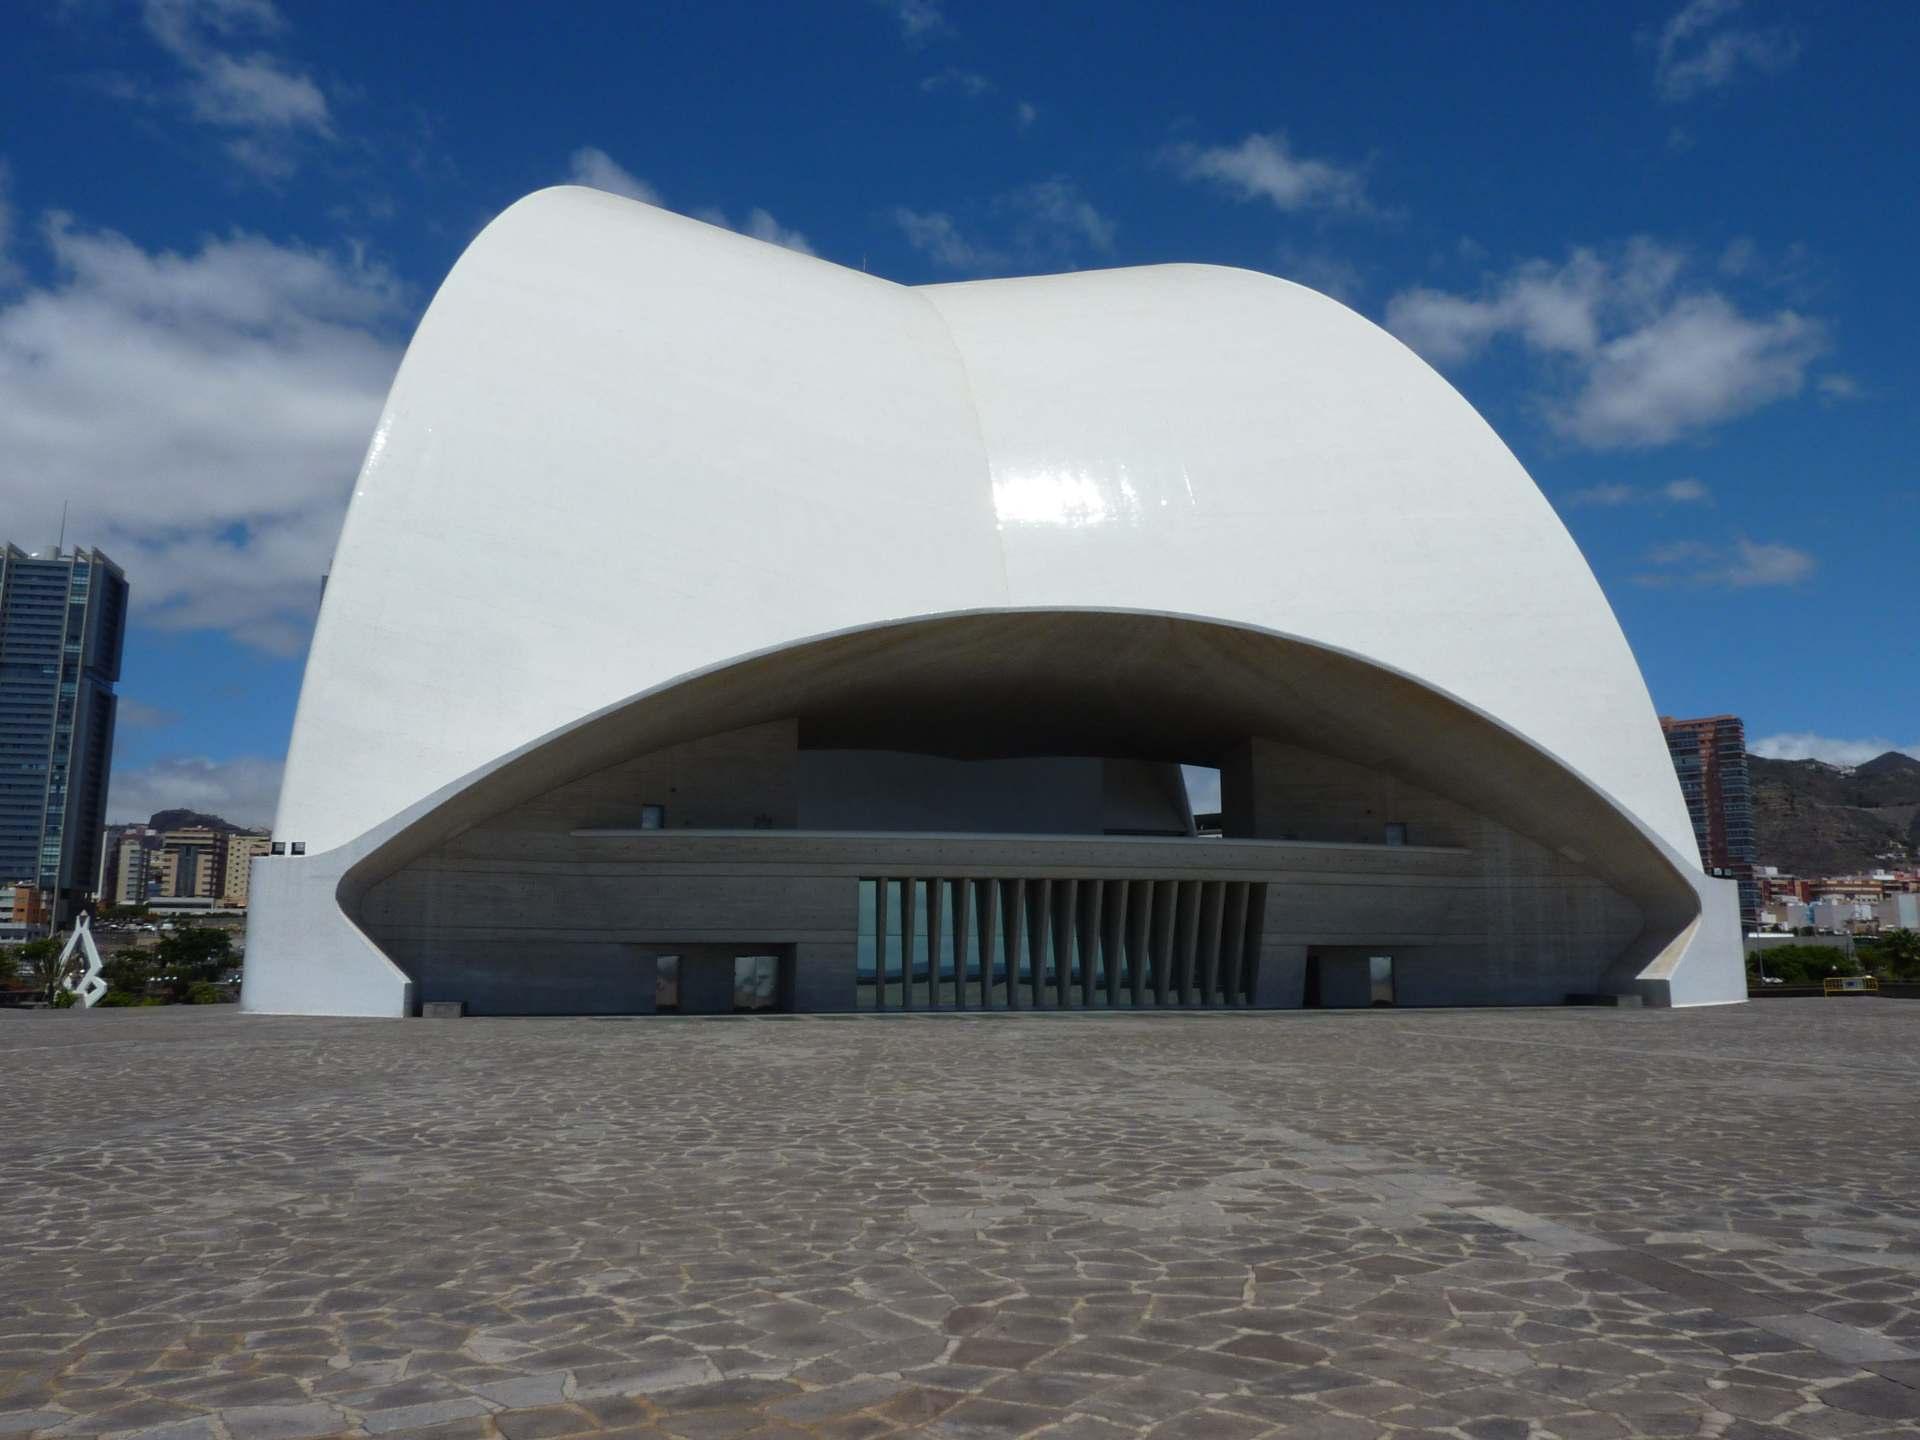 Auditorio de Tenerife - Fischmaul?